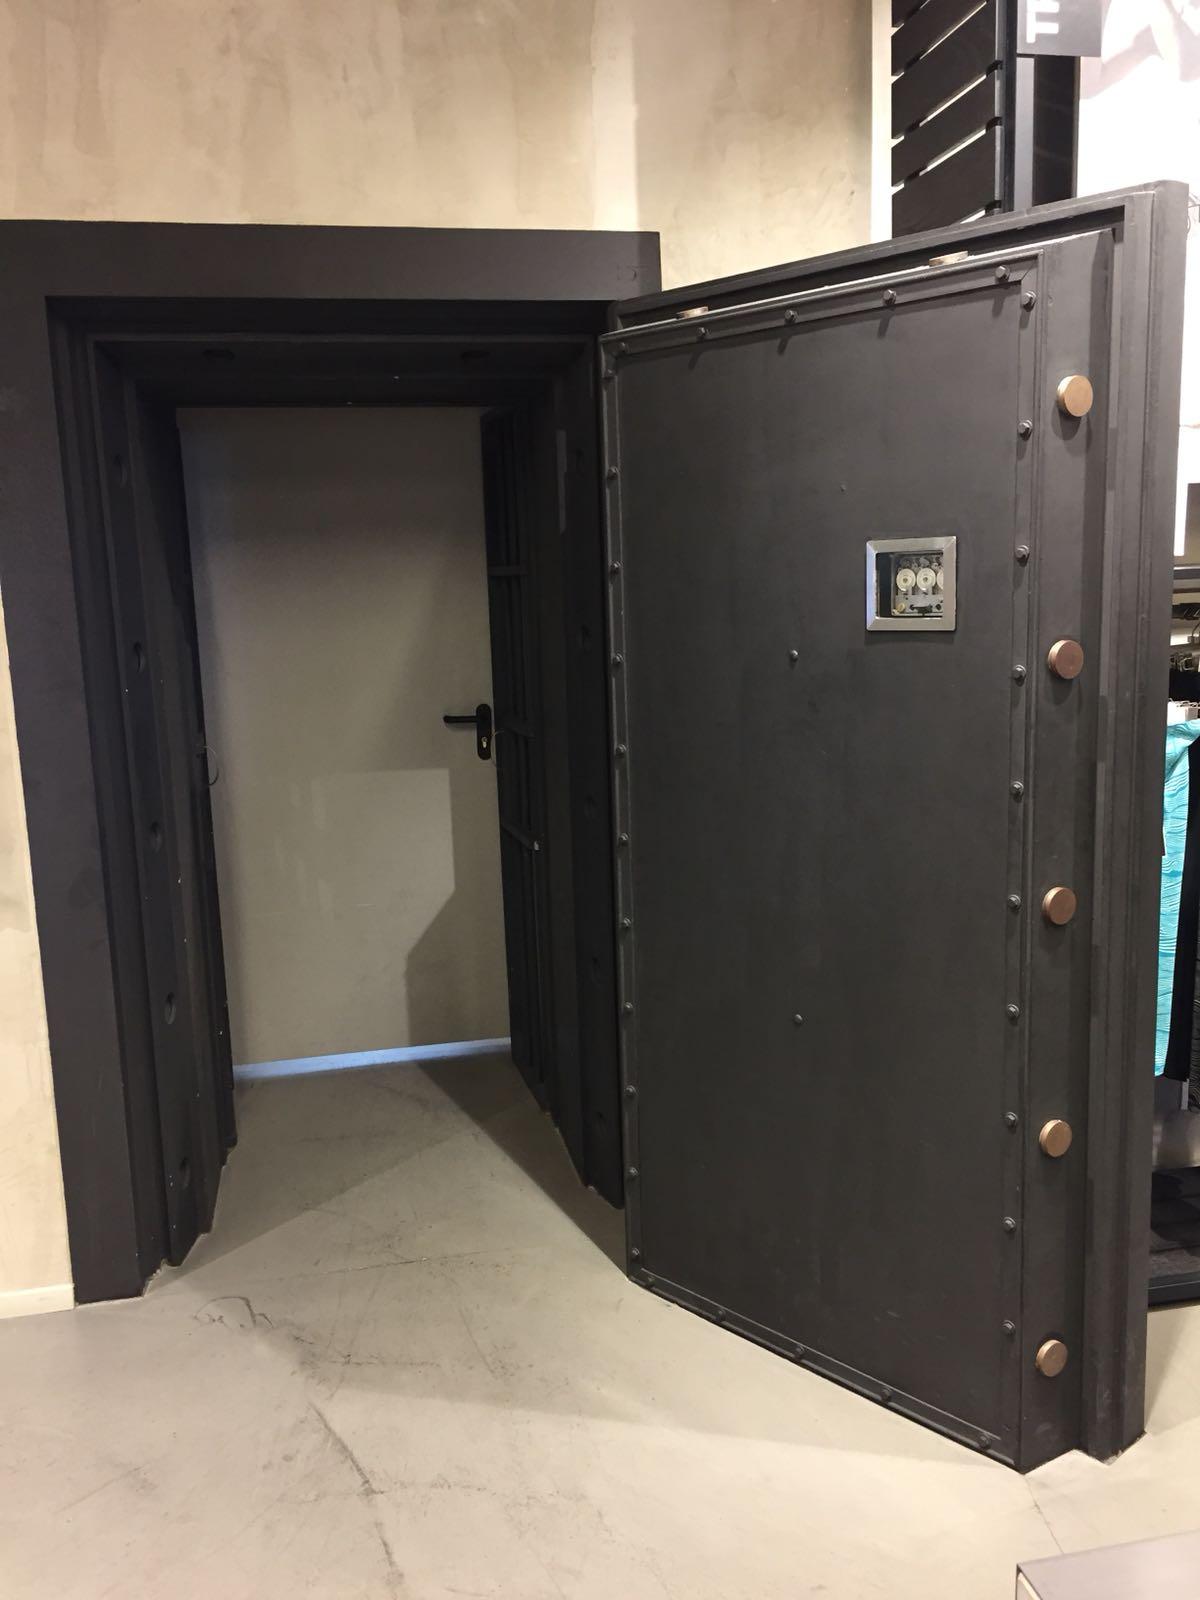 Tresorraumtür geöffnet